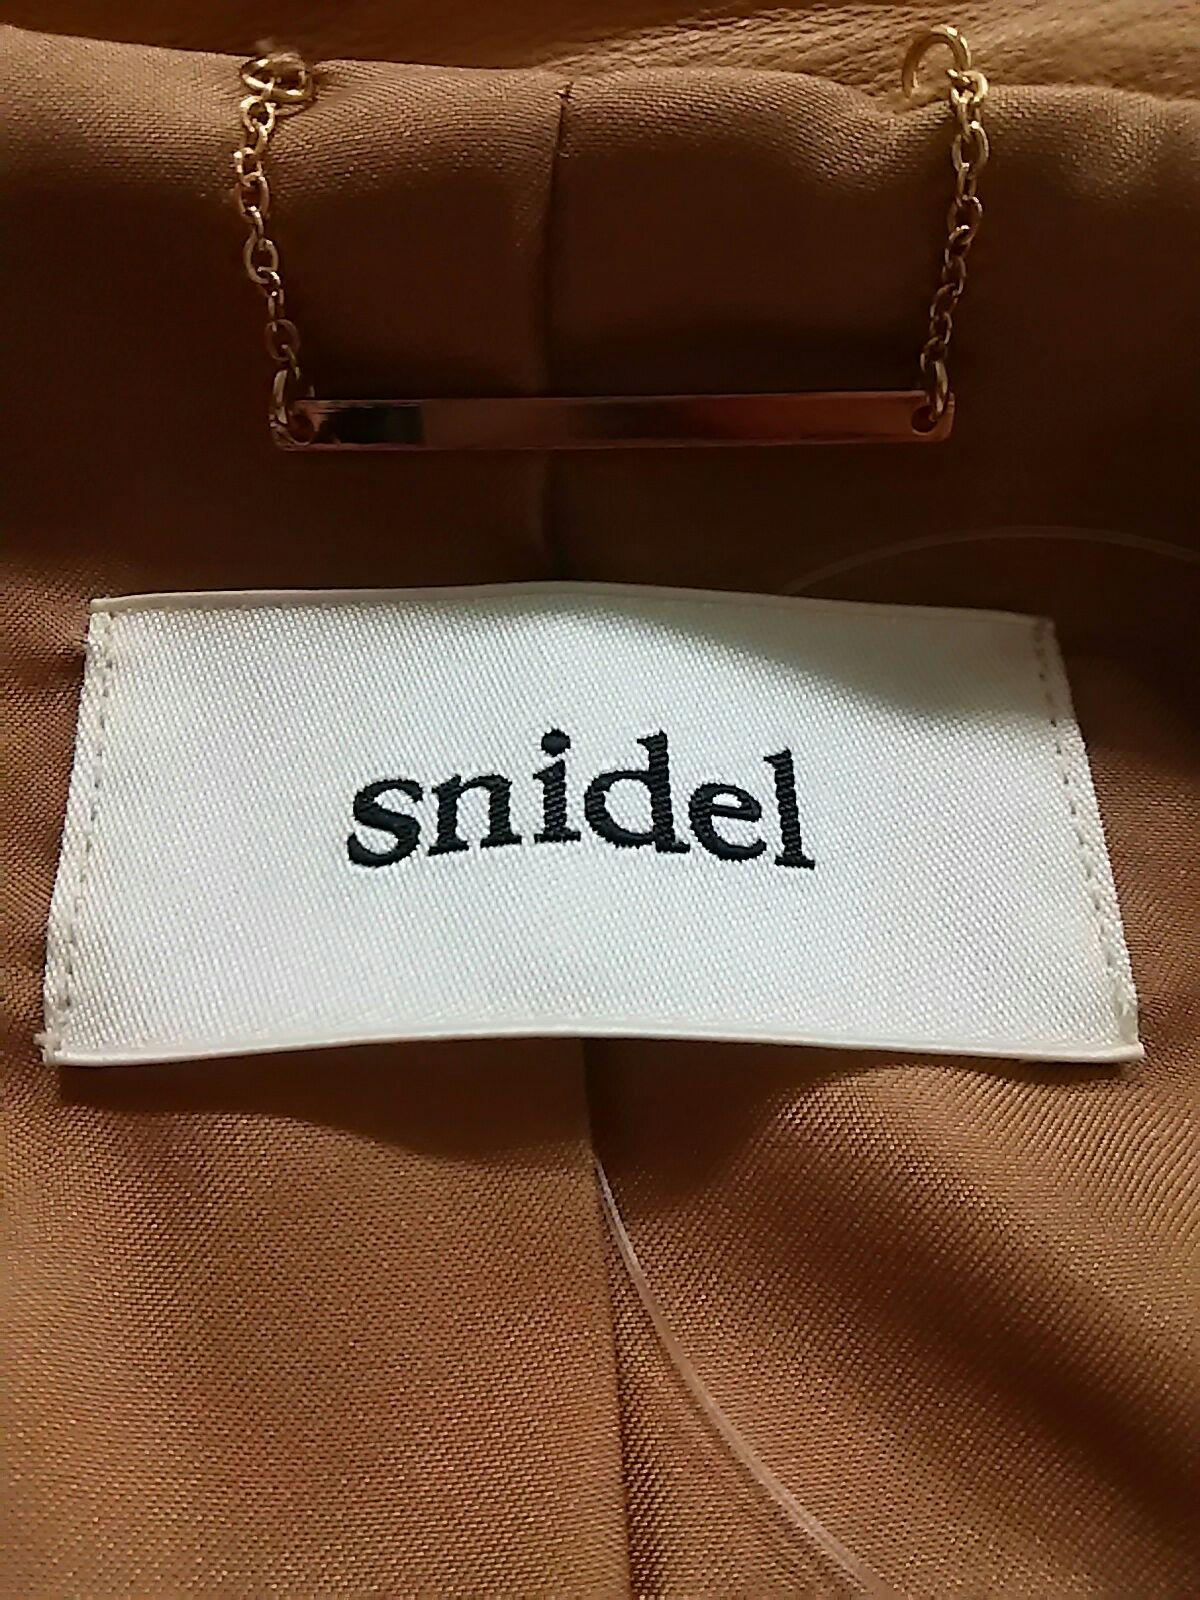 snidel(スナイデル)のブルゾン